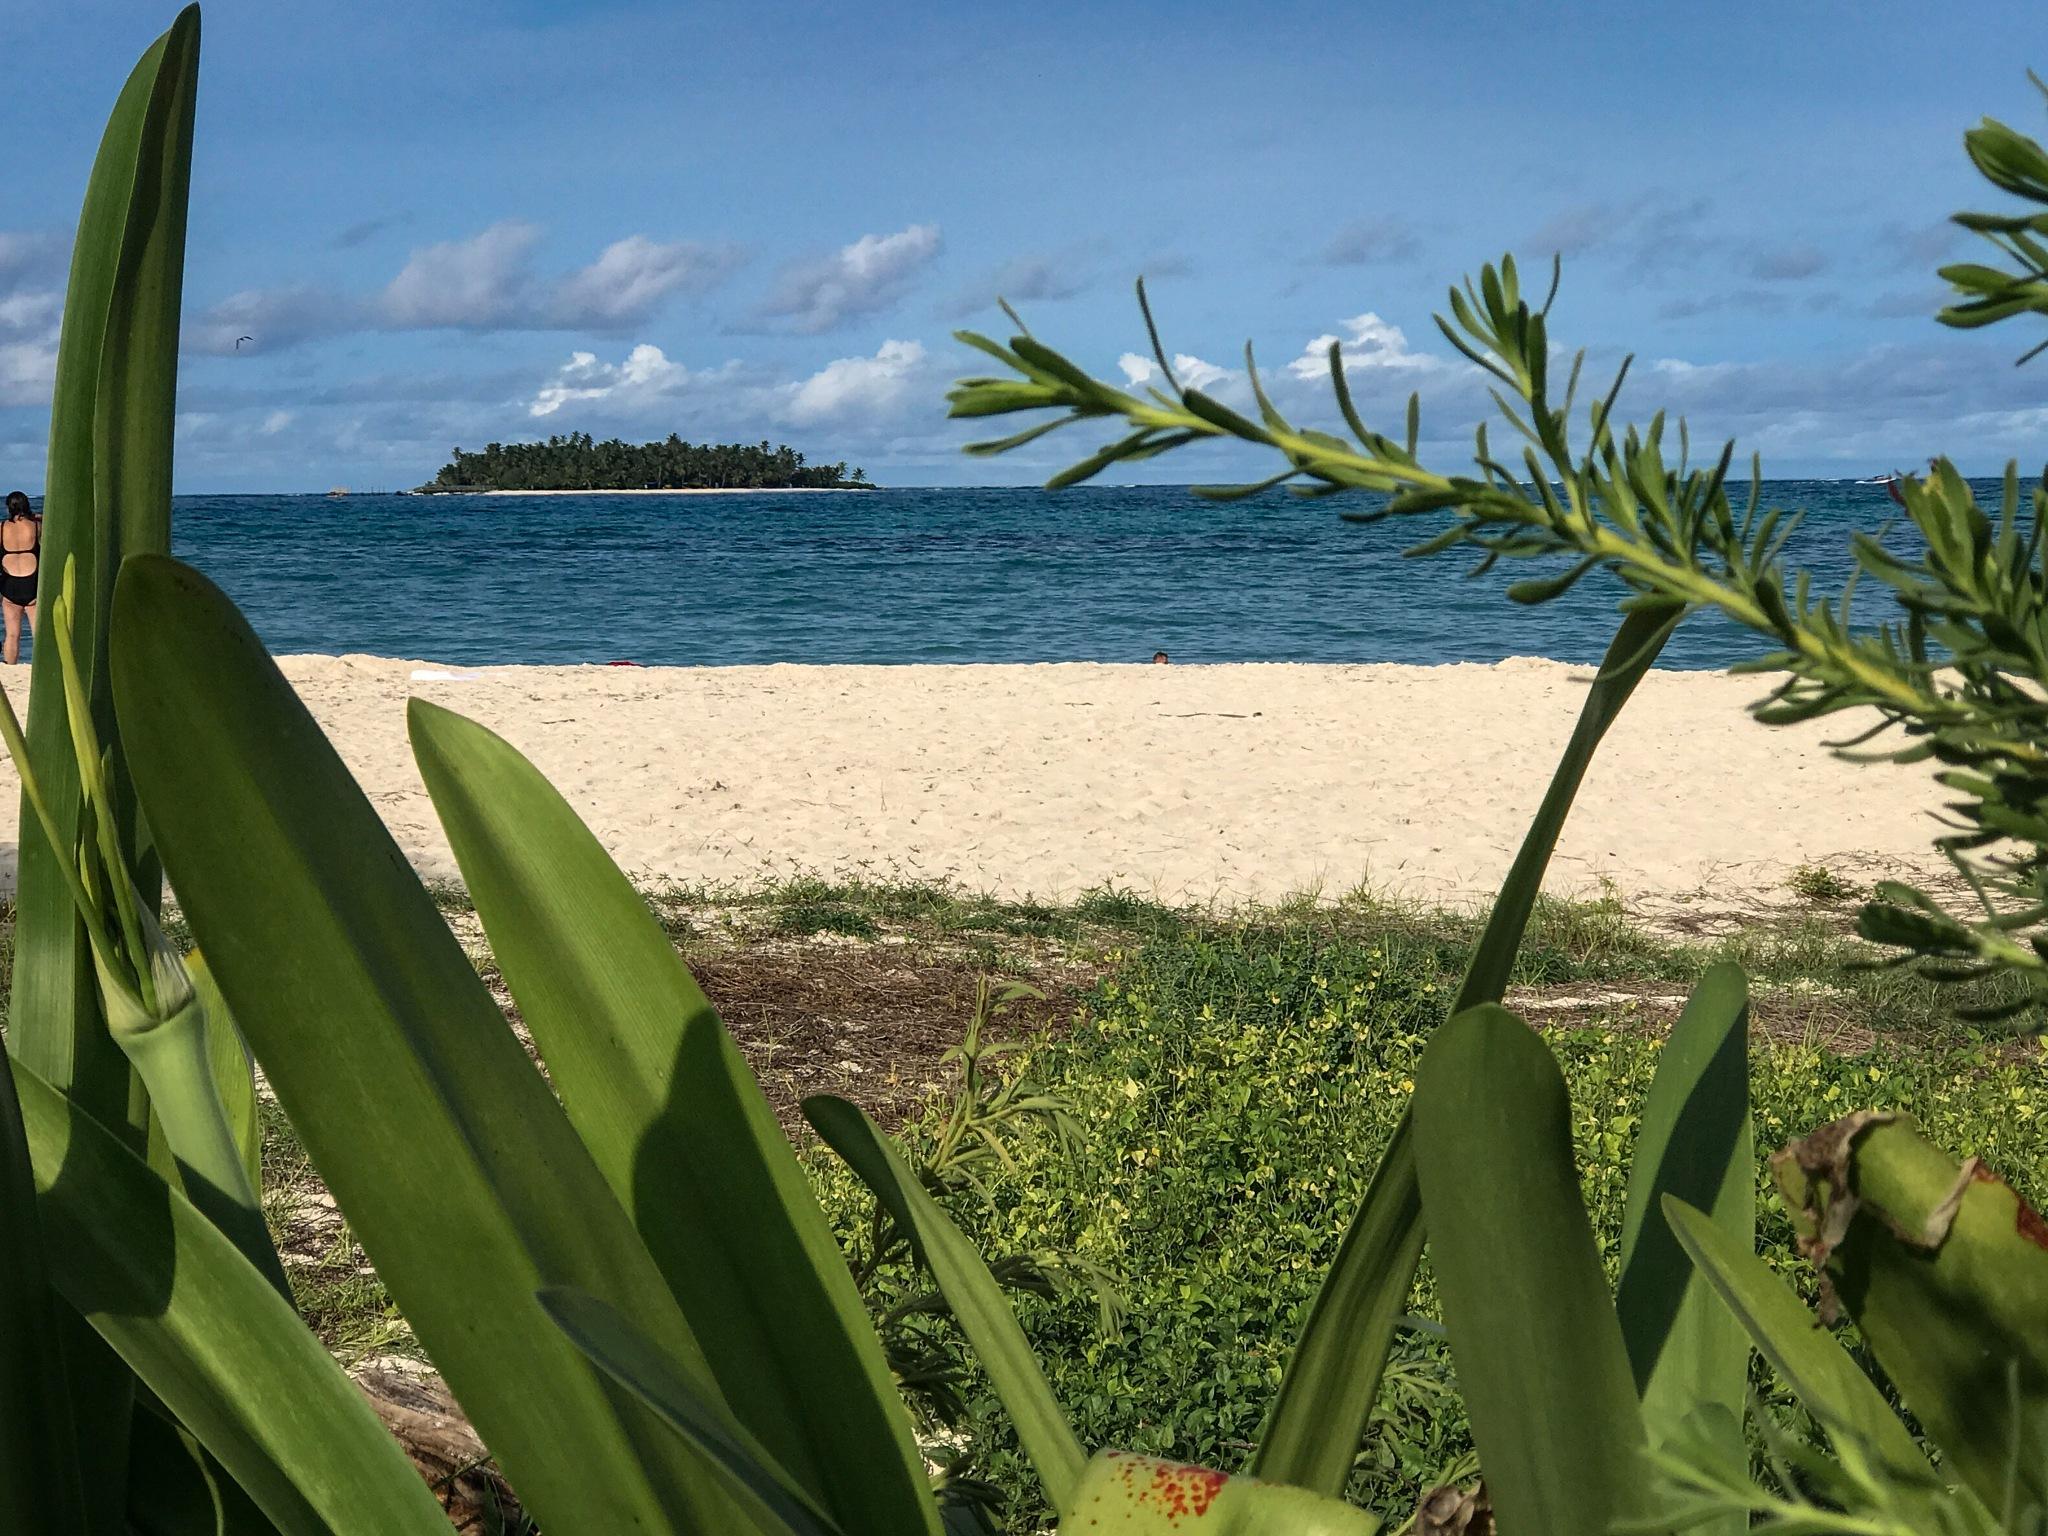 San Andrés islas  by @Puntofijoequipo